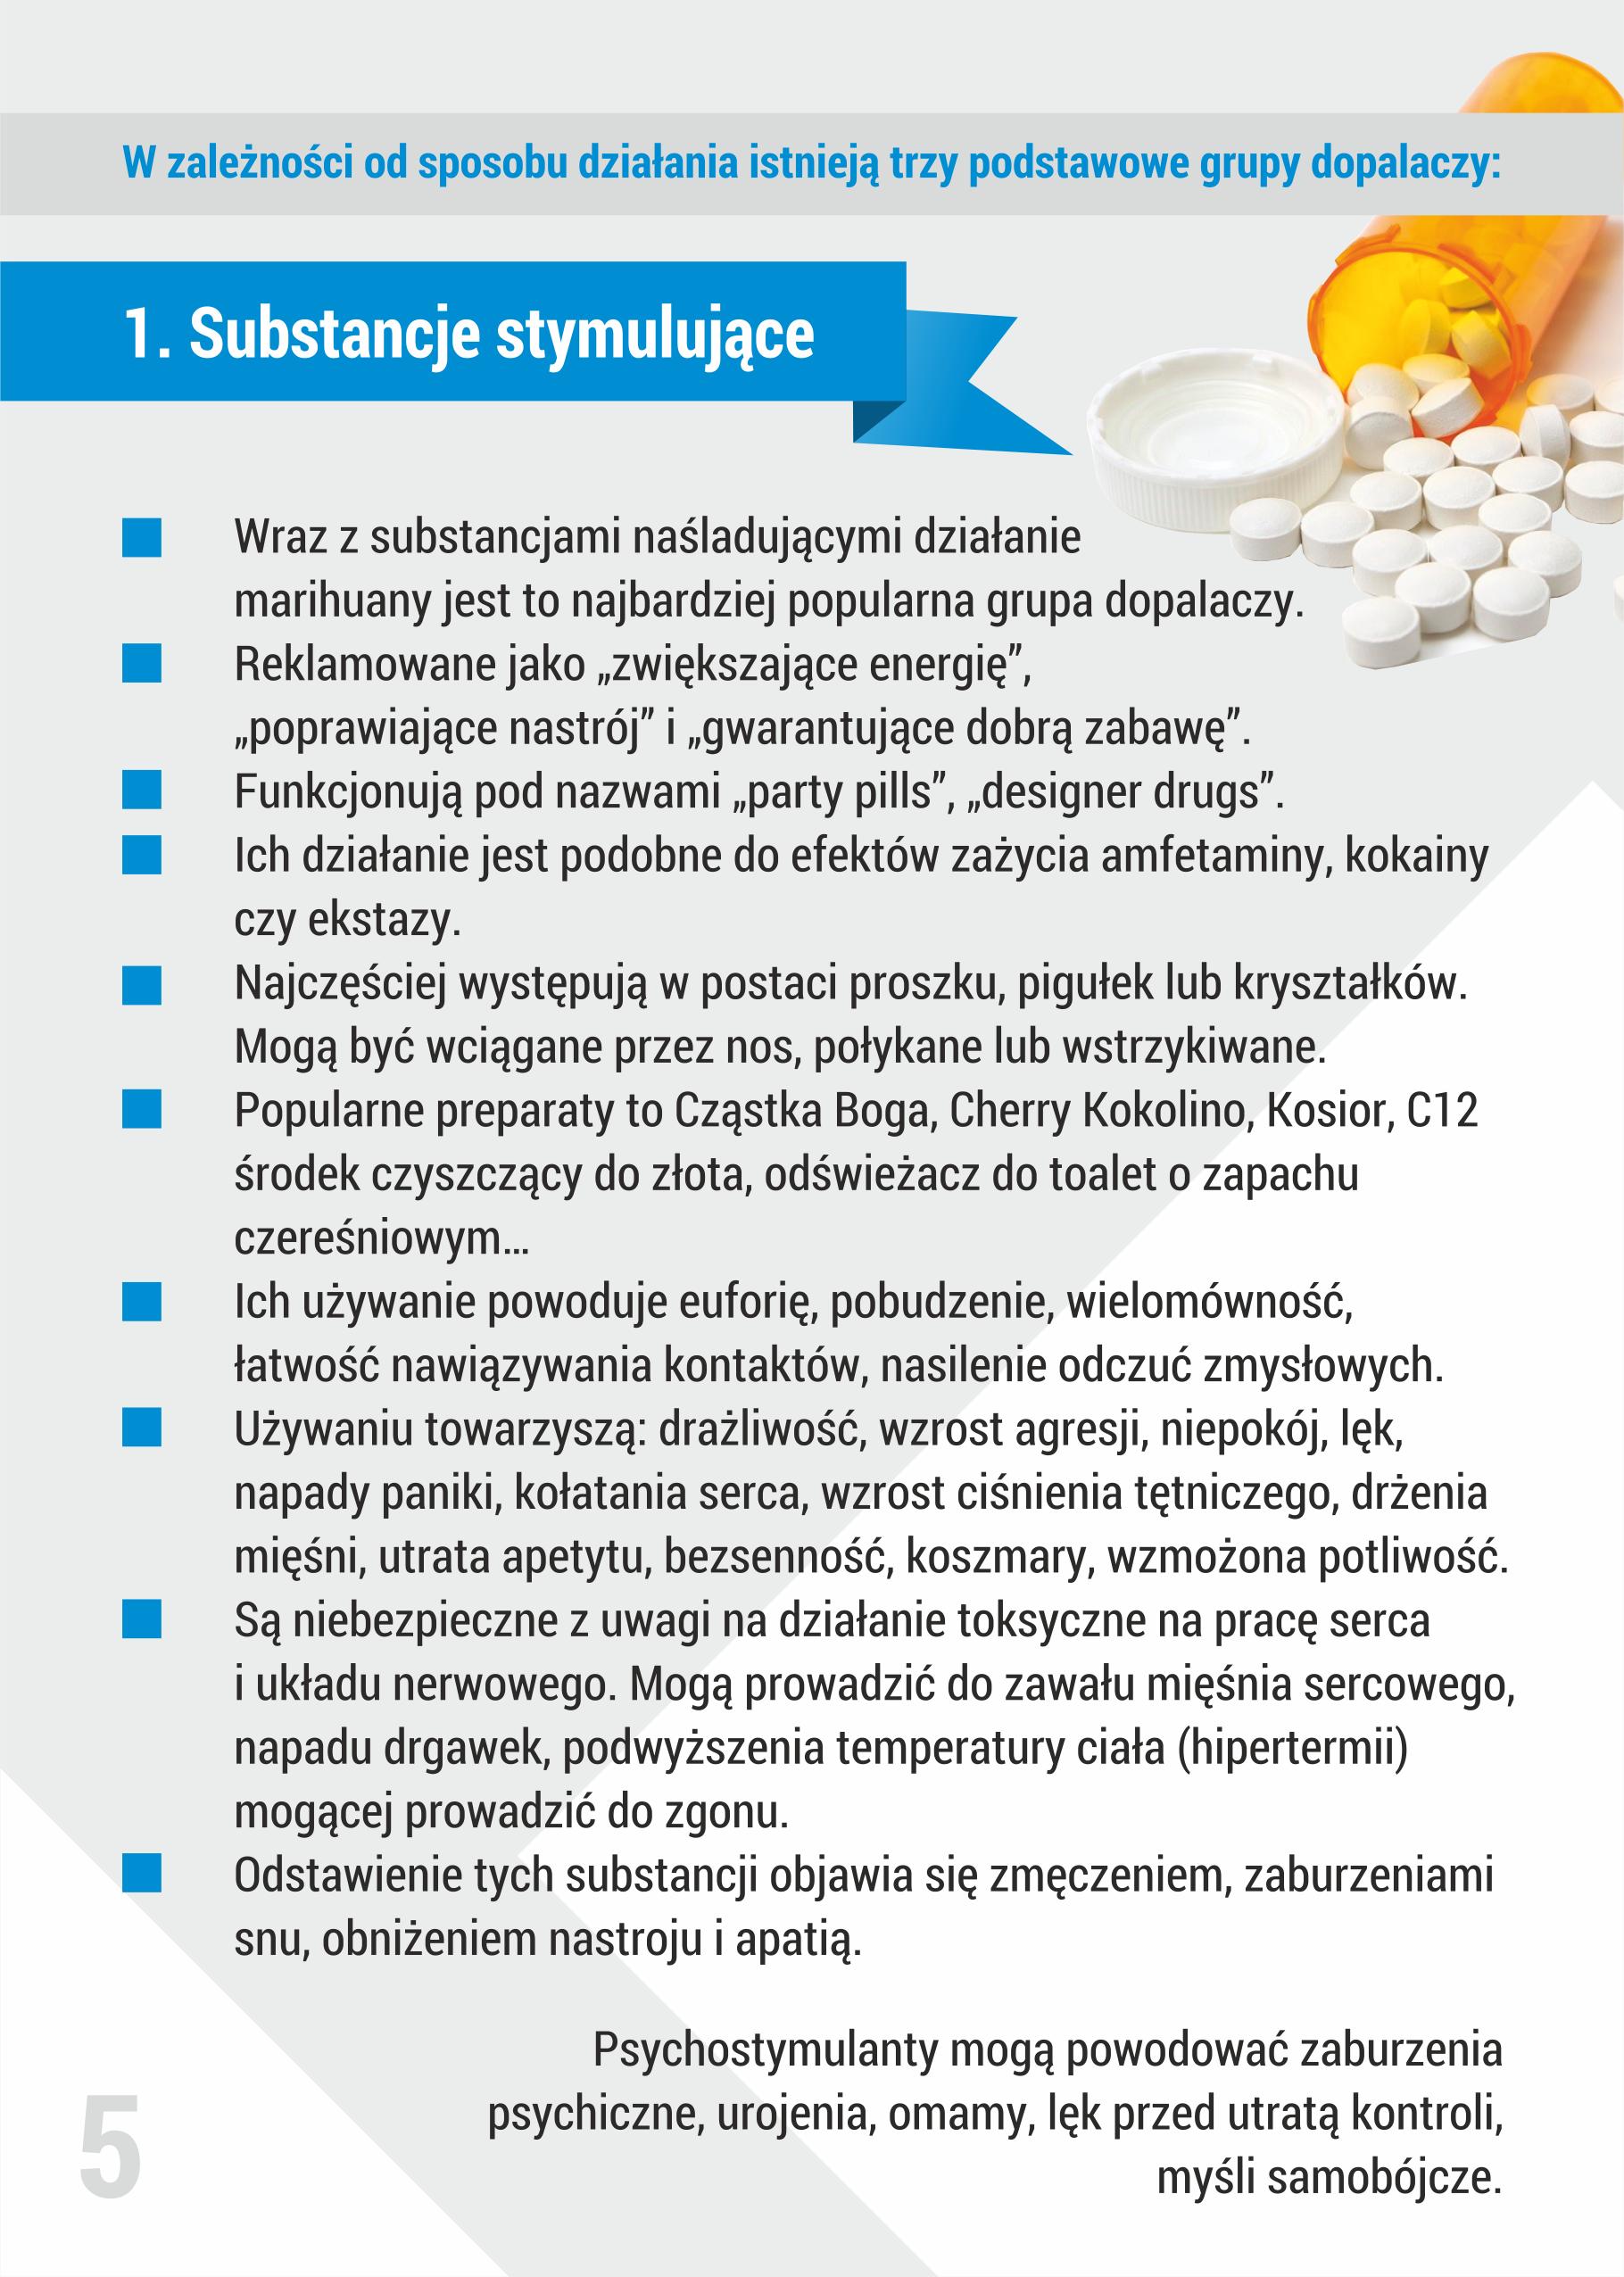 Informator: Dopalacze Nowe Narkotyki